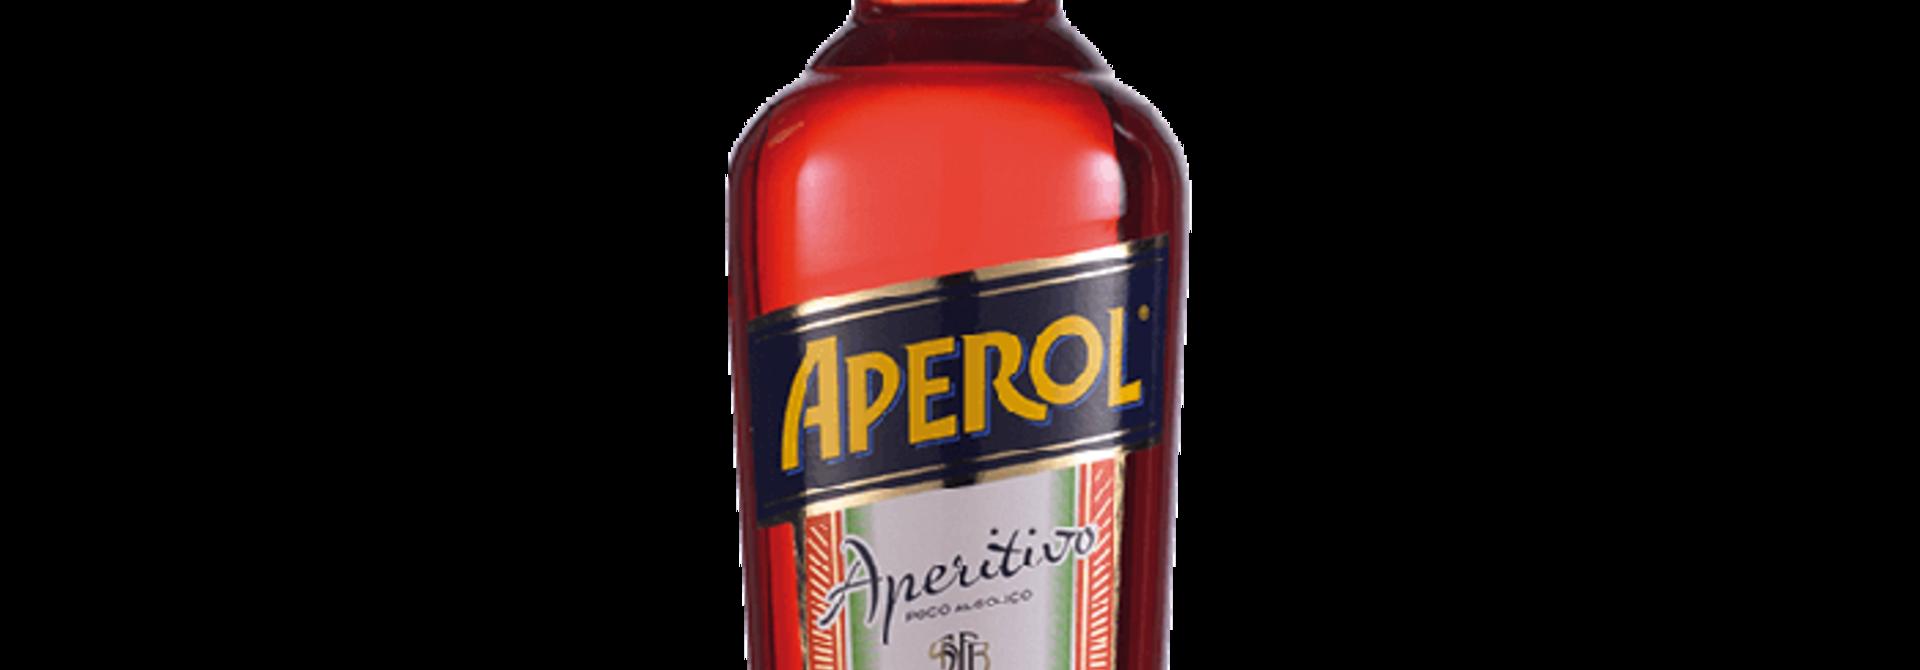 APEROL 0.7ltr